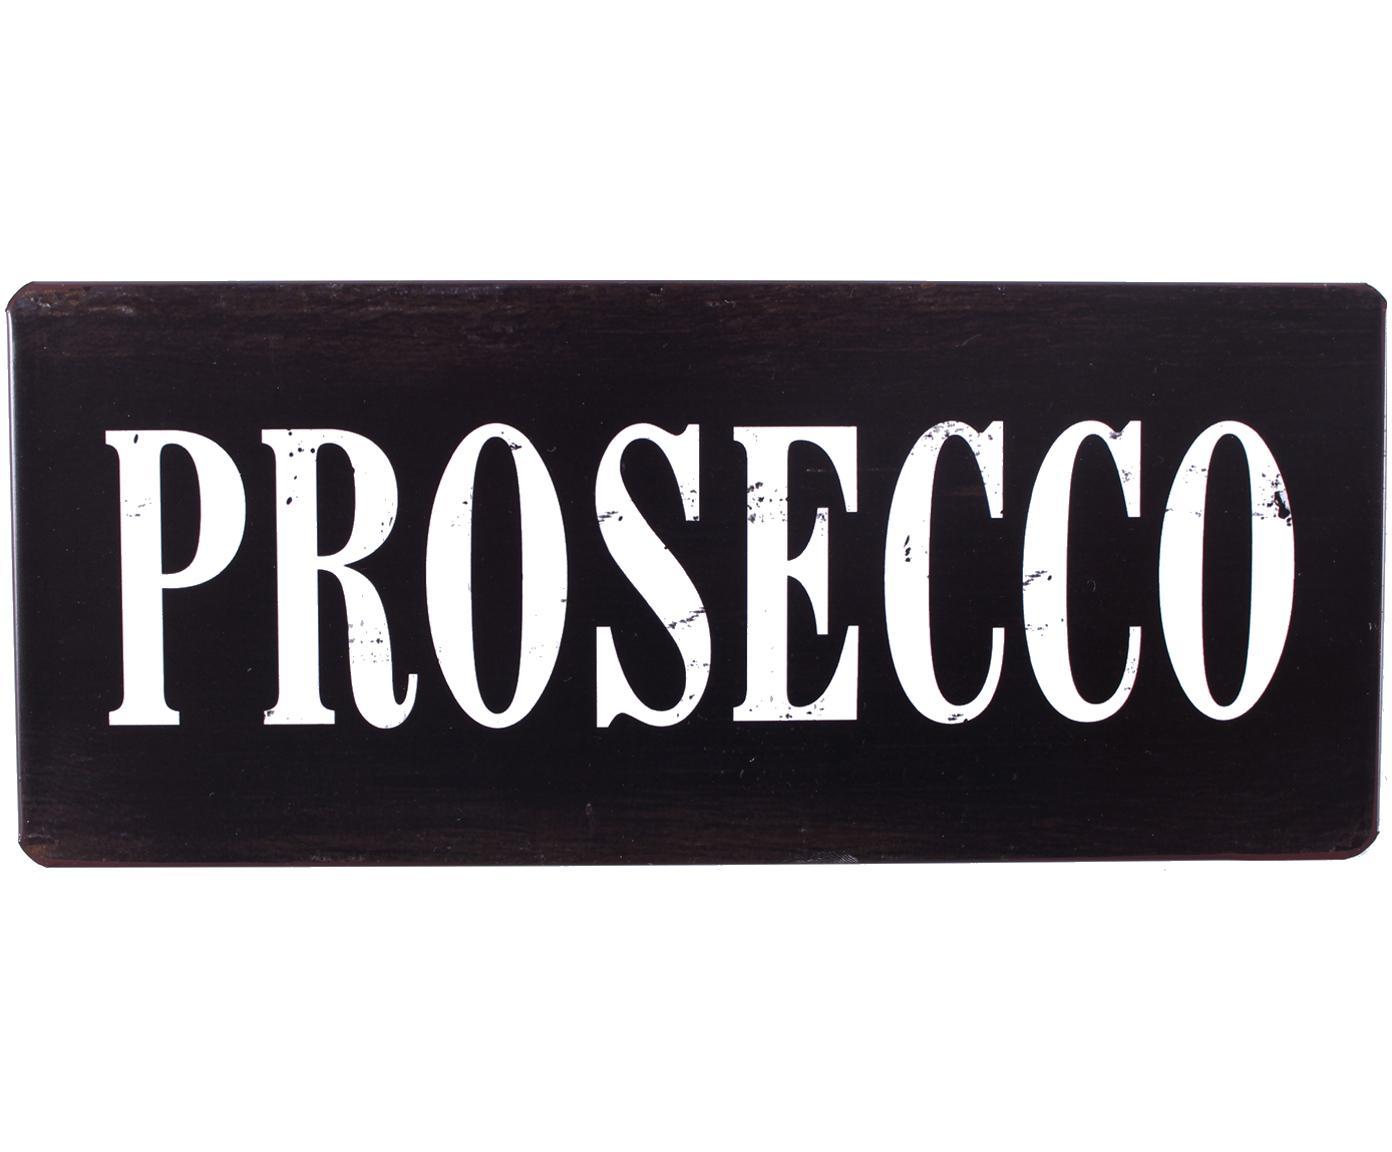 Wandbord Prosecco, Metaal, met motieffolie bekleed, Zwart, wit, 31 x 13 cm